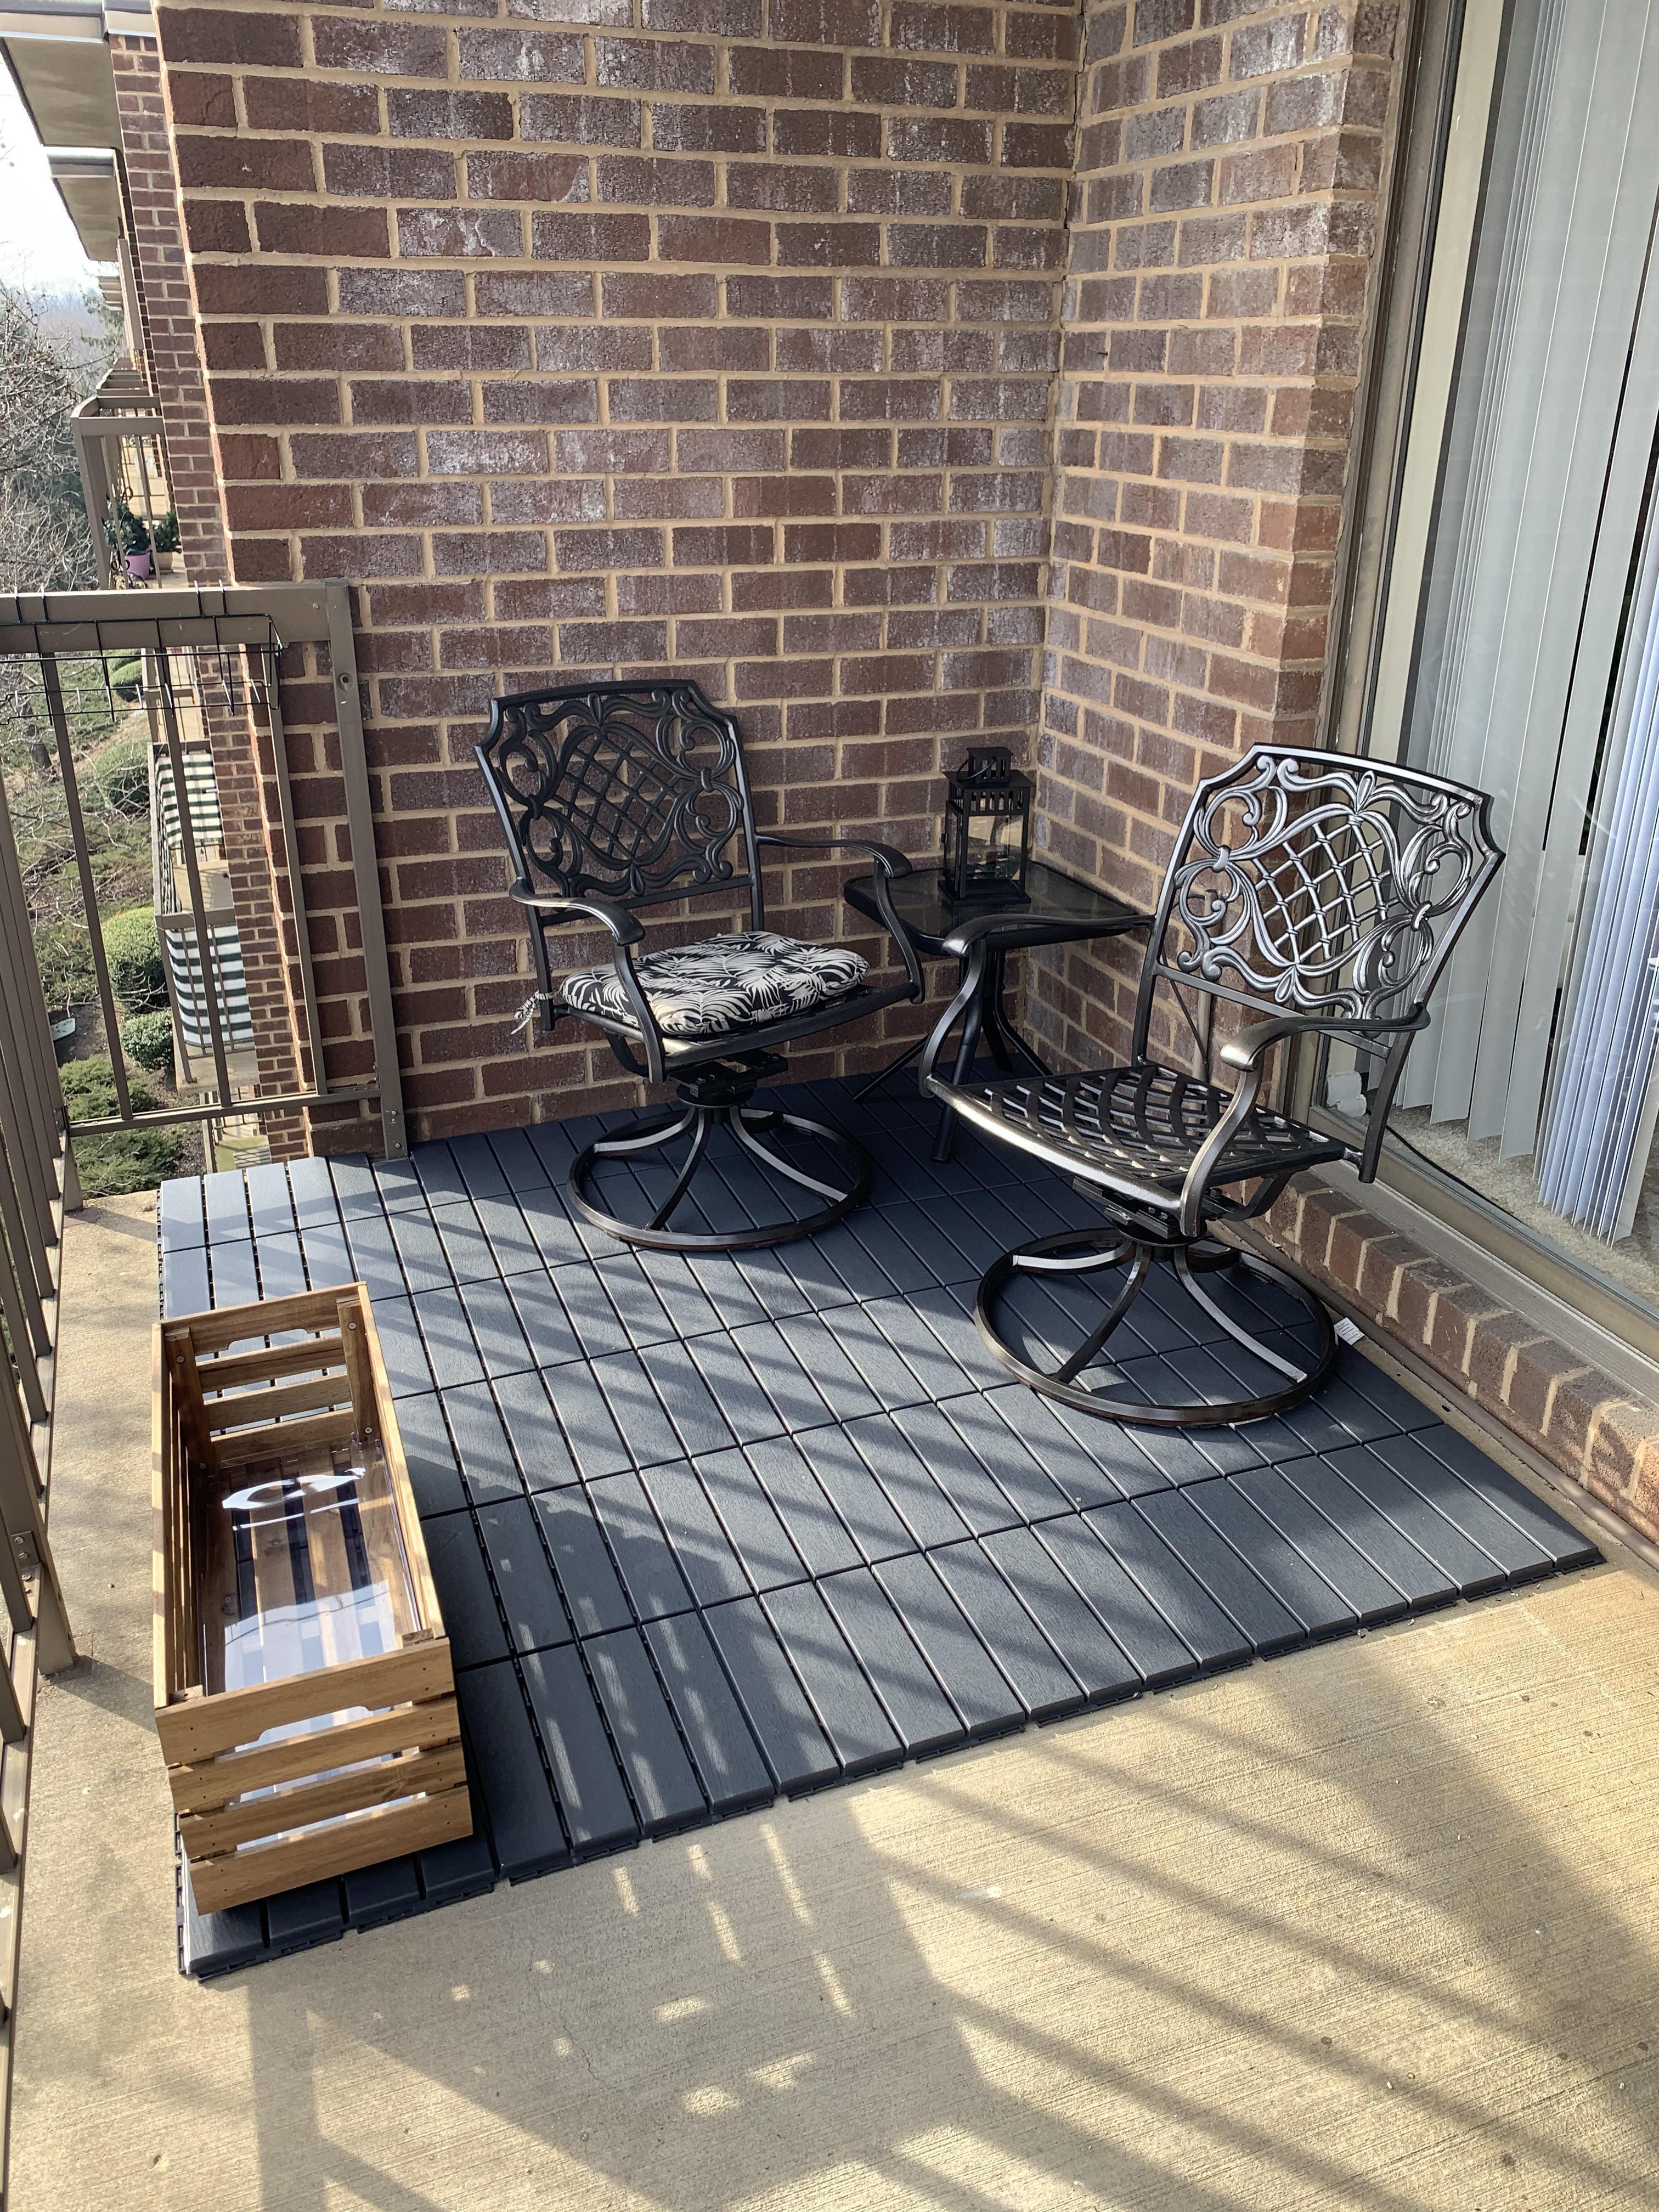 nice little outdoor patio area i